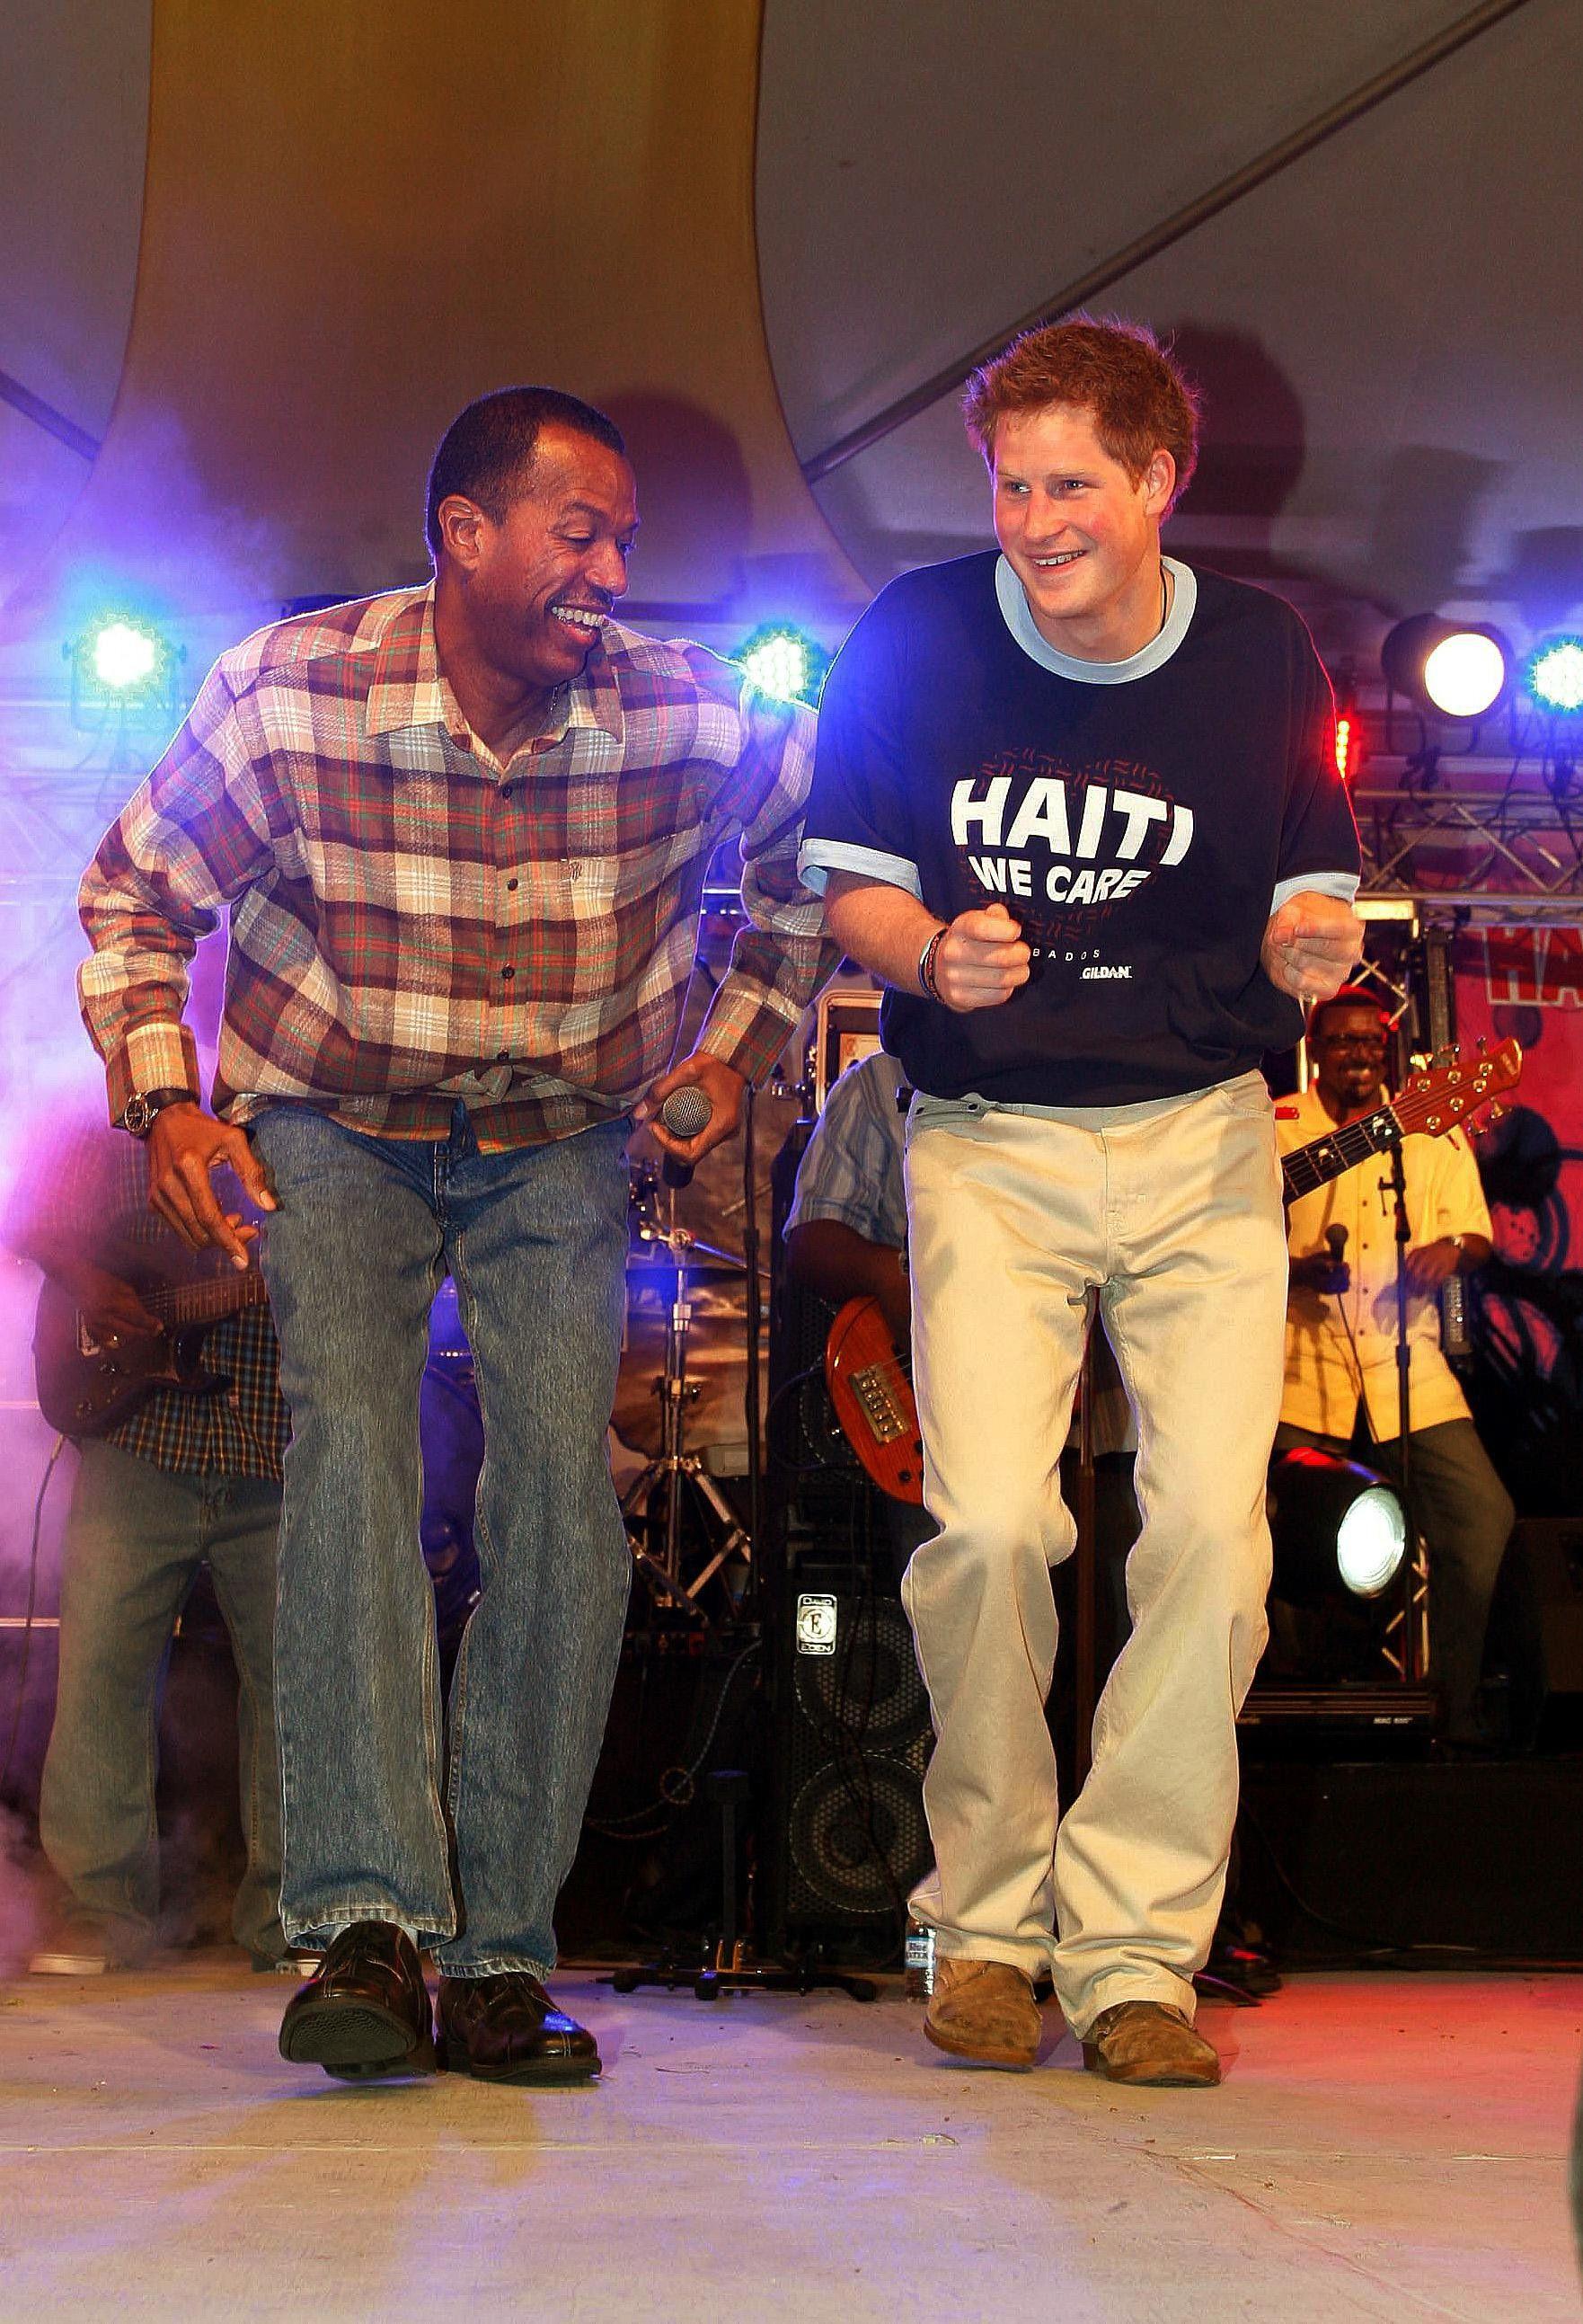 Így táncolt Harry herceg 2010-ben